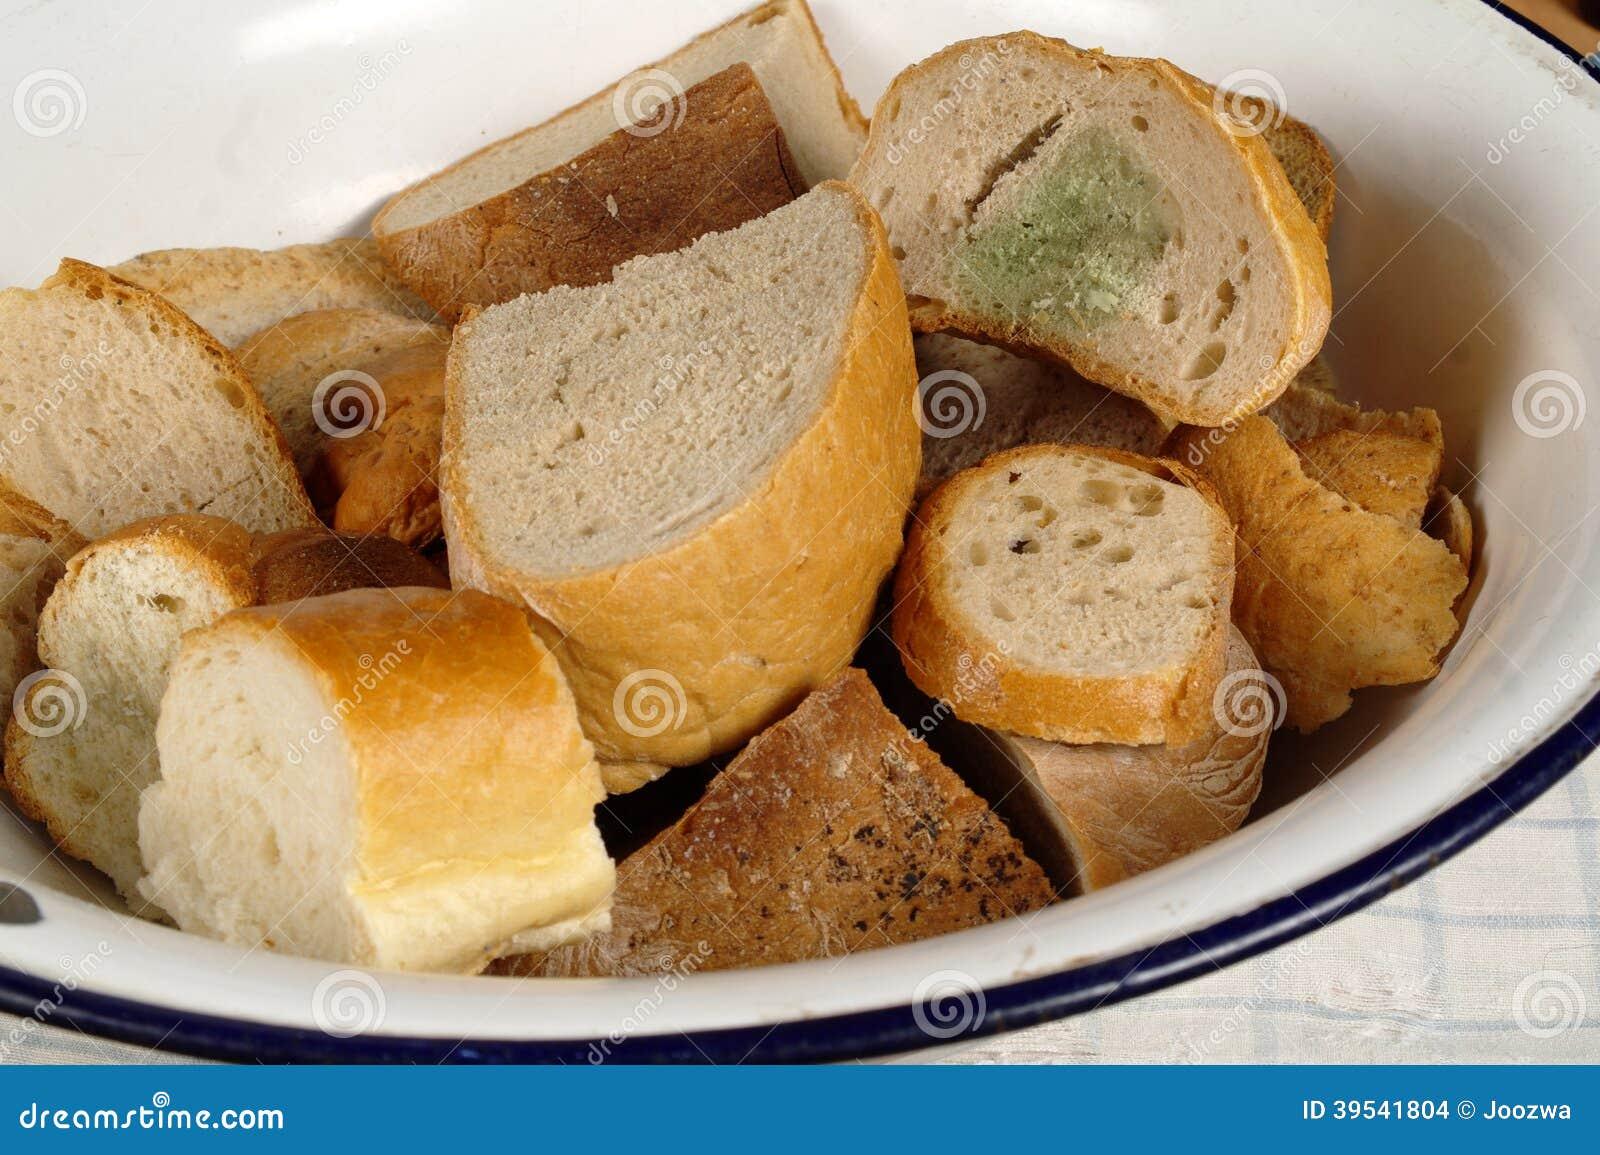 干硬面包 库存照片 - 图片